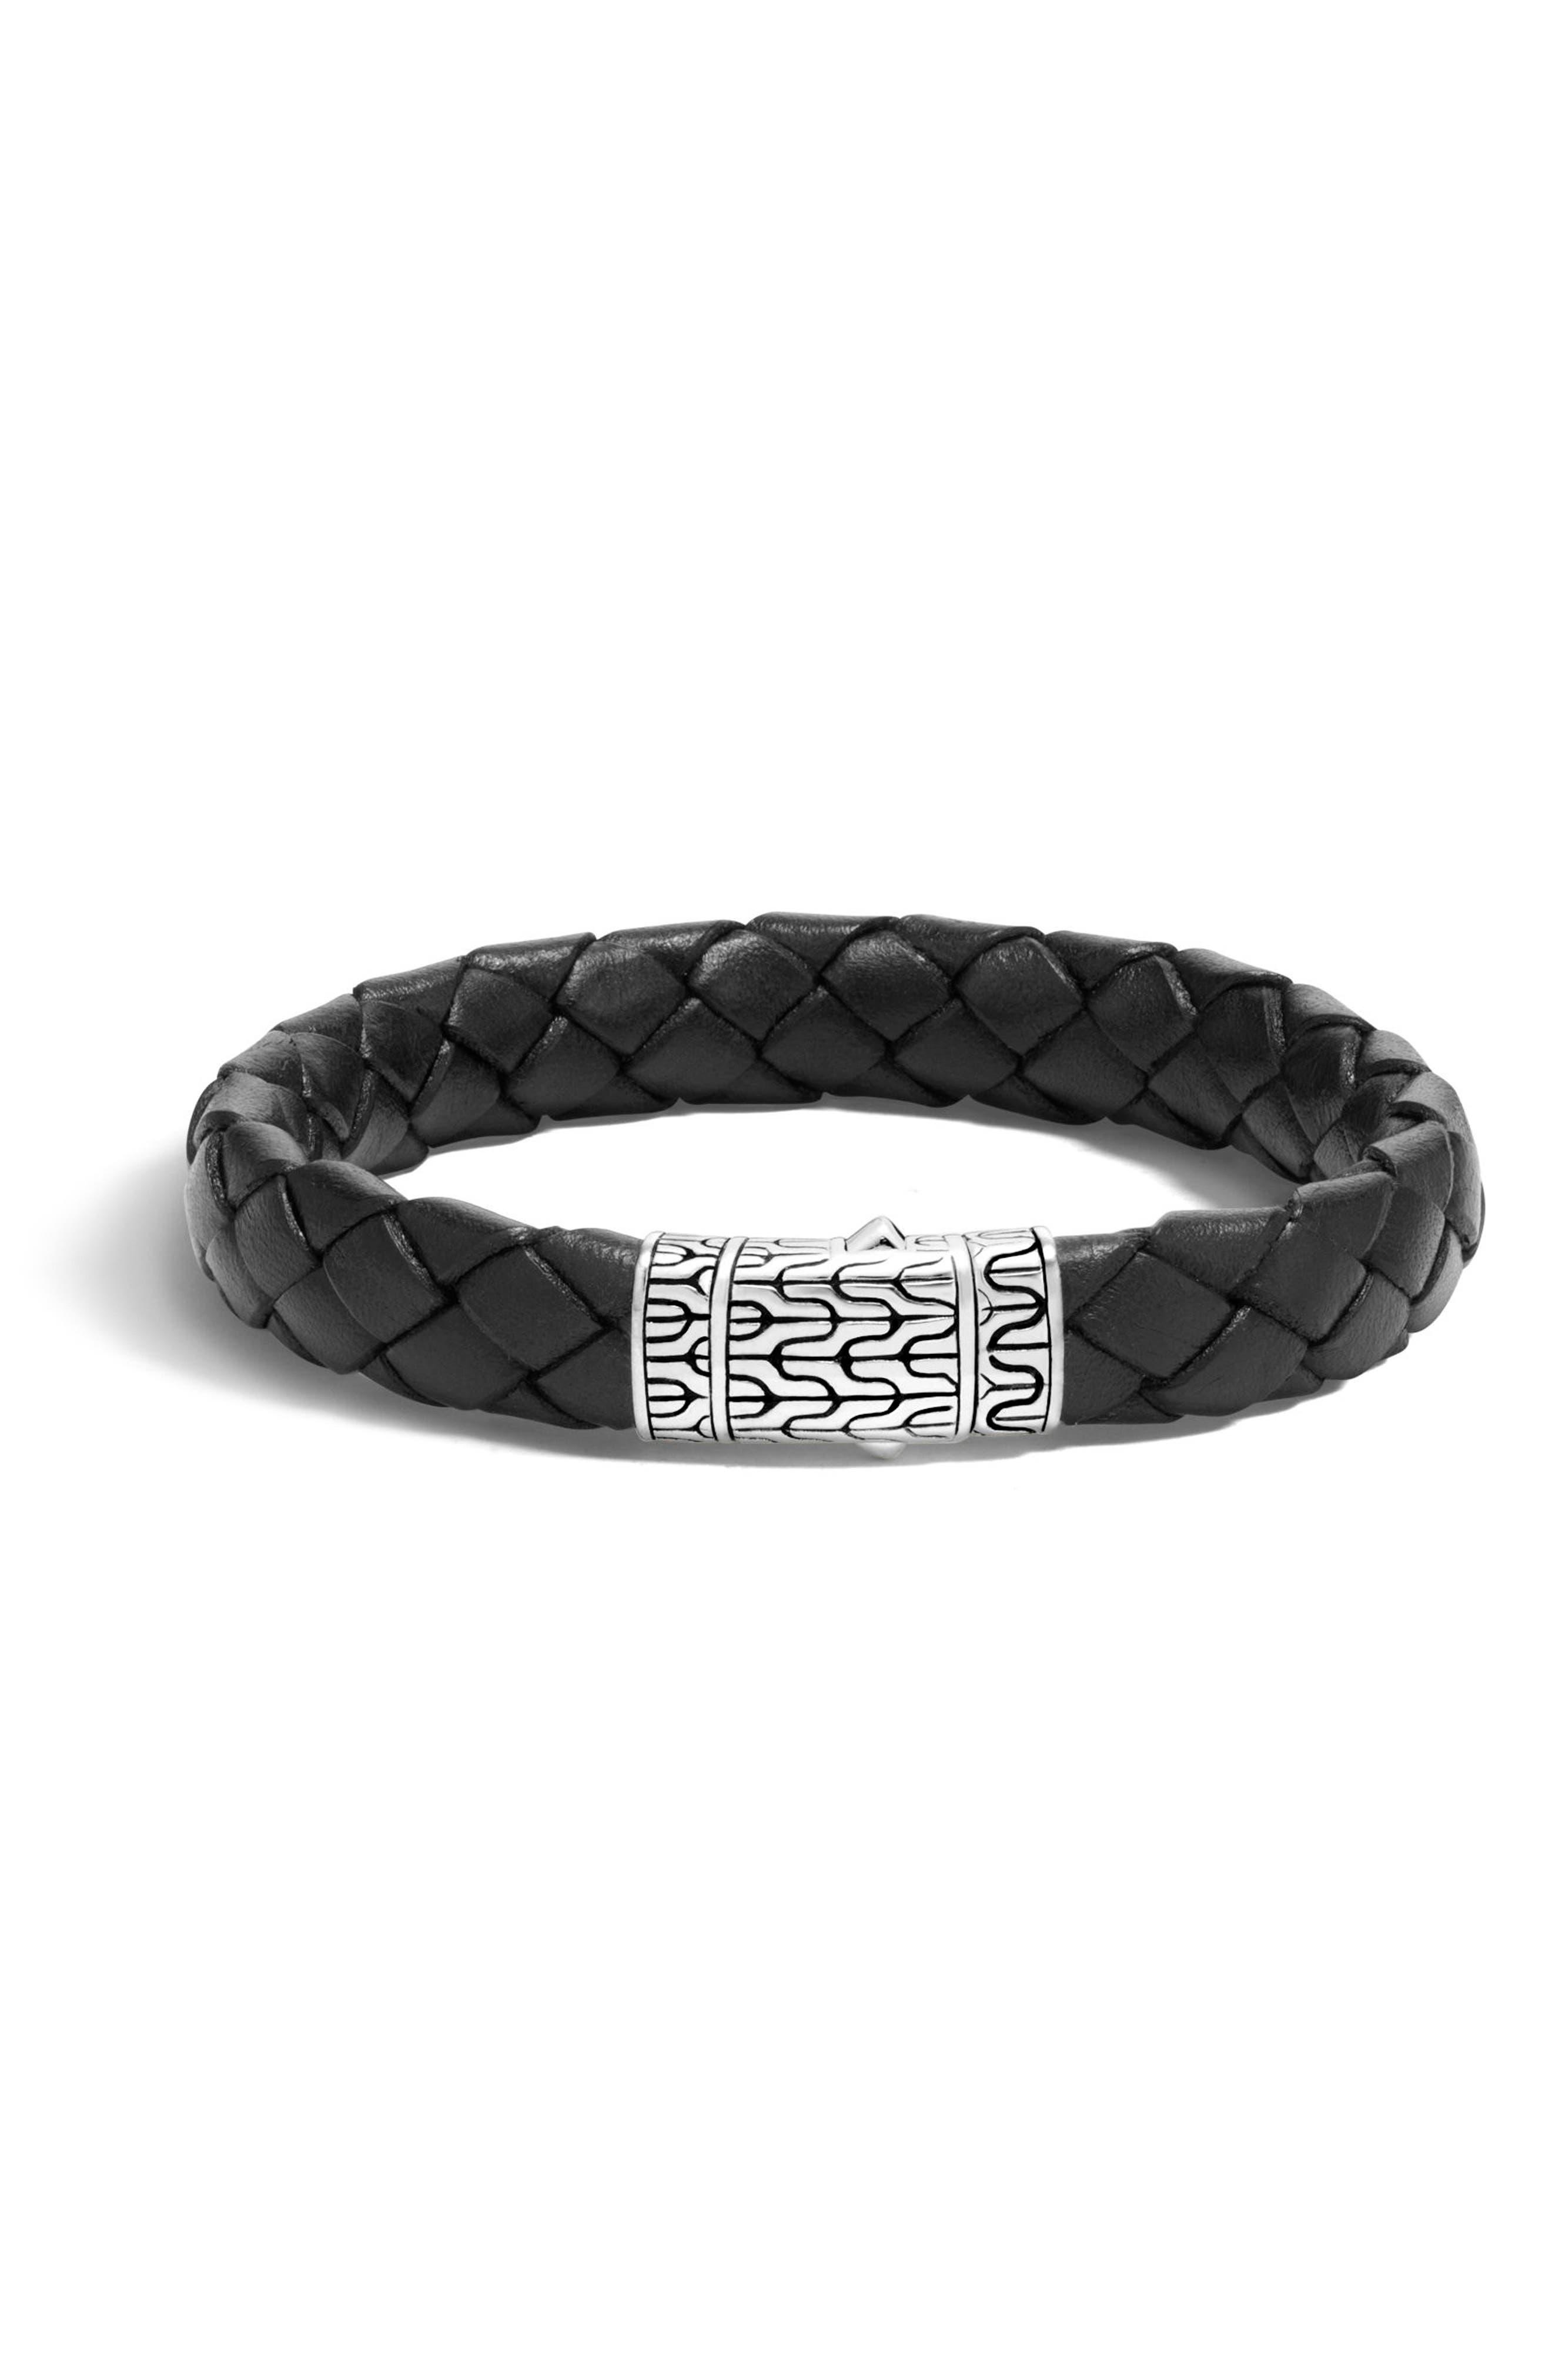 Men's Leather & Sterling Bracelet,                         Main,                         color, Silver/ Black